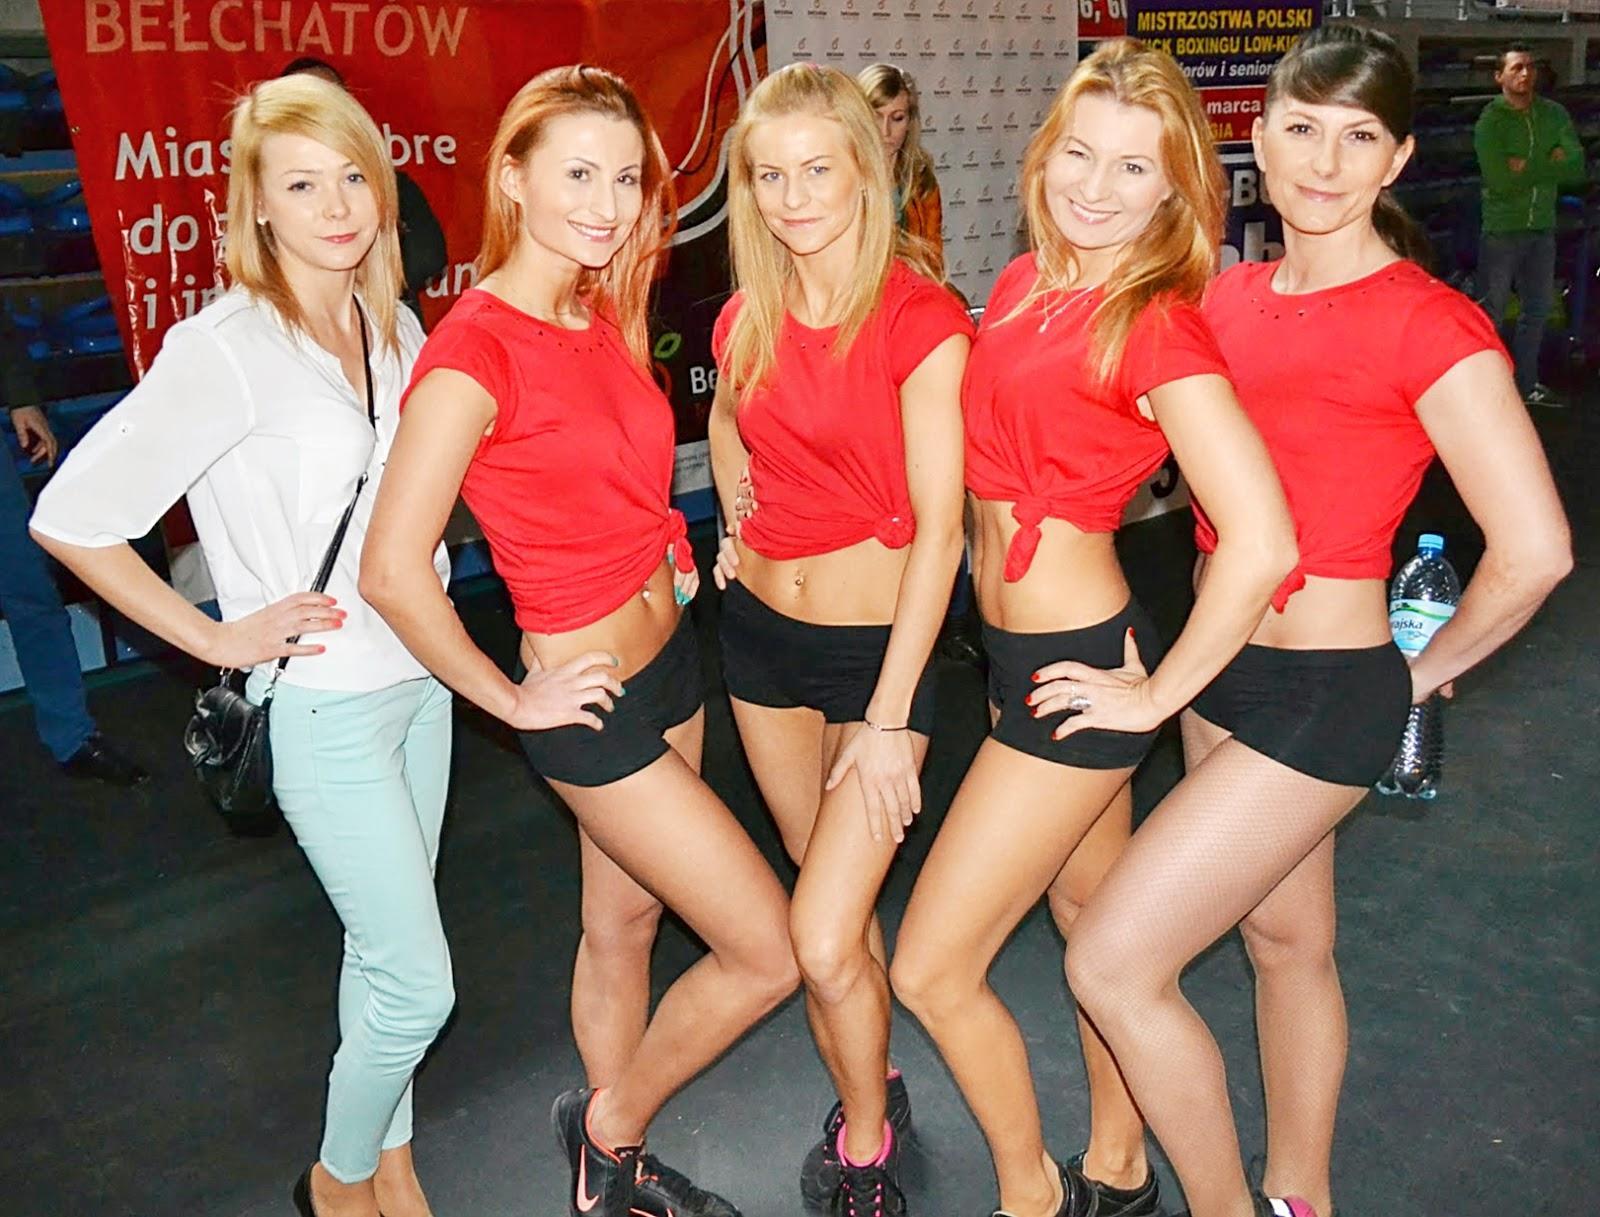 Bełchatów, Mistrzostwa Polski Low Kick, 2014 r., sport, kickboxing, wyjazdy, treningi, zawody sportowe, Boś, Kacieja, Rychlikowski, Groberski, Gleisner